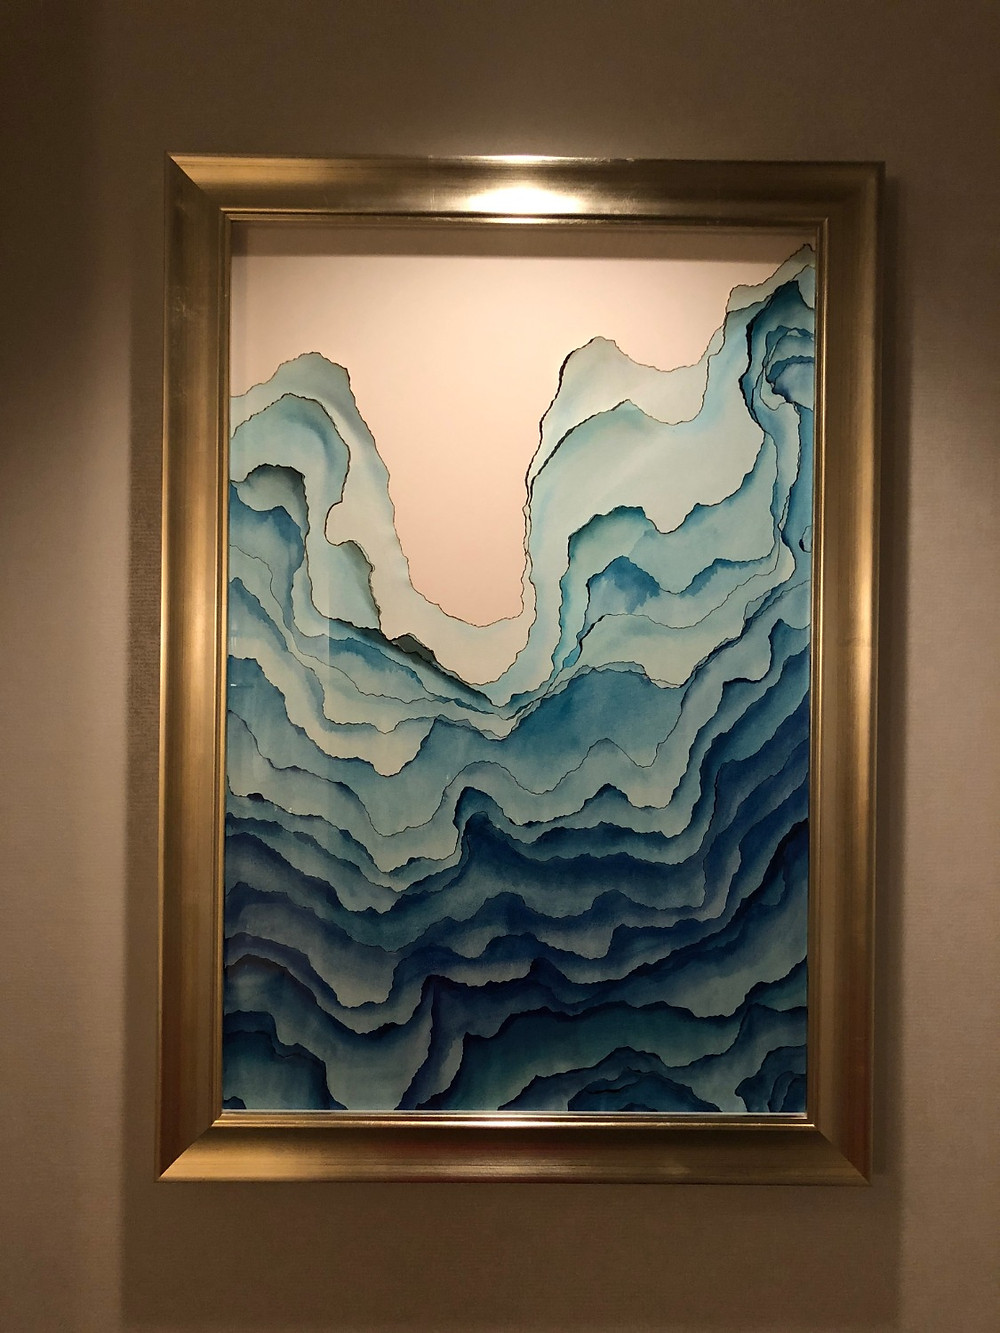 風水アート 風水玄関に波の絵